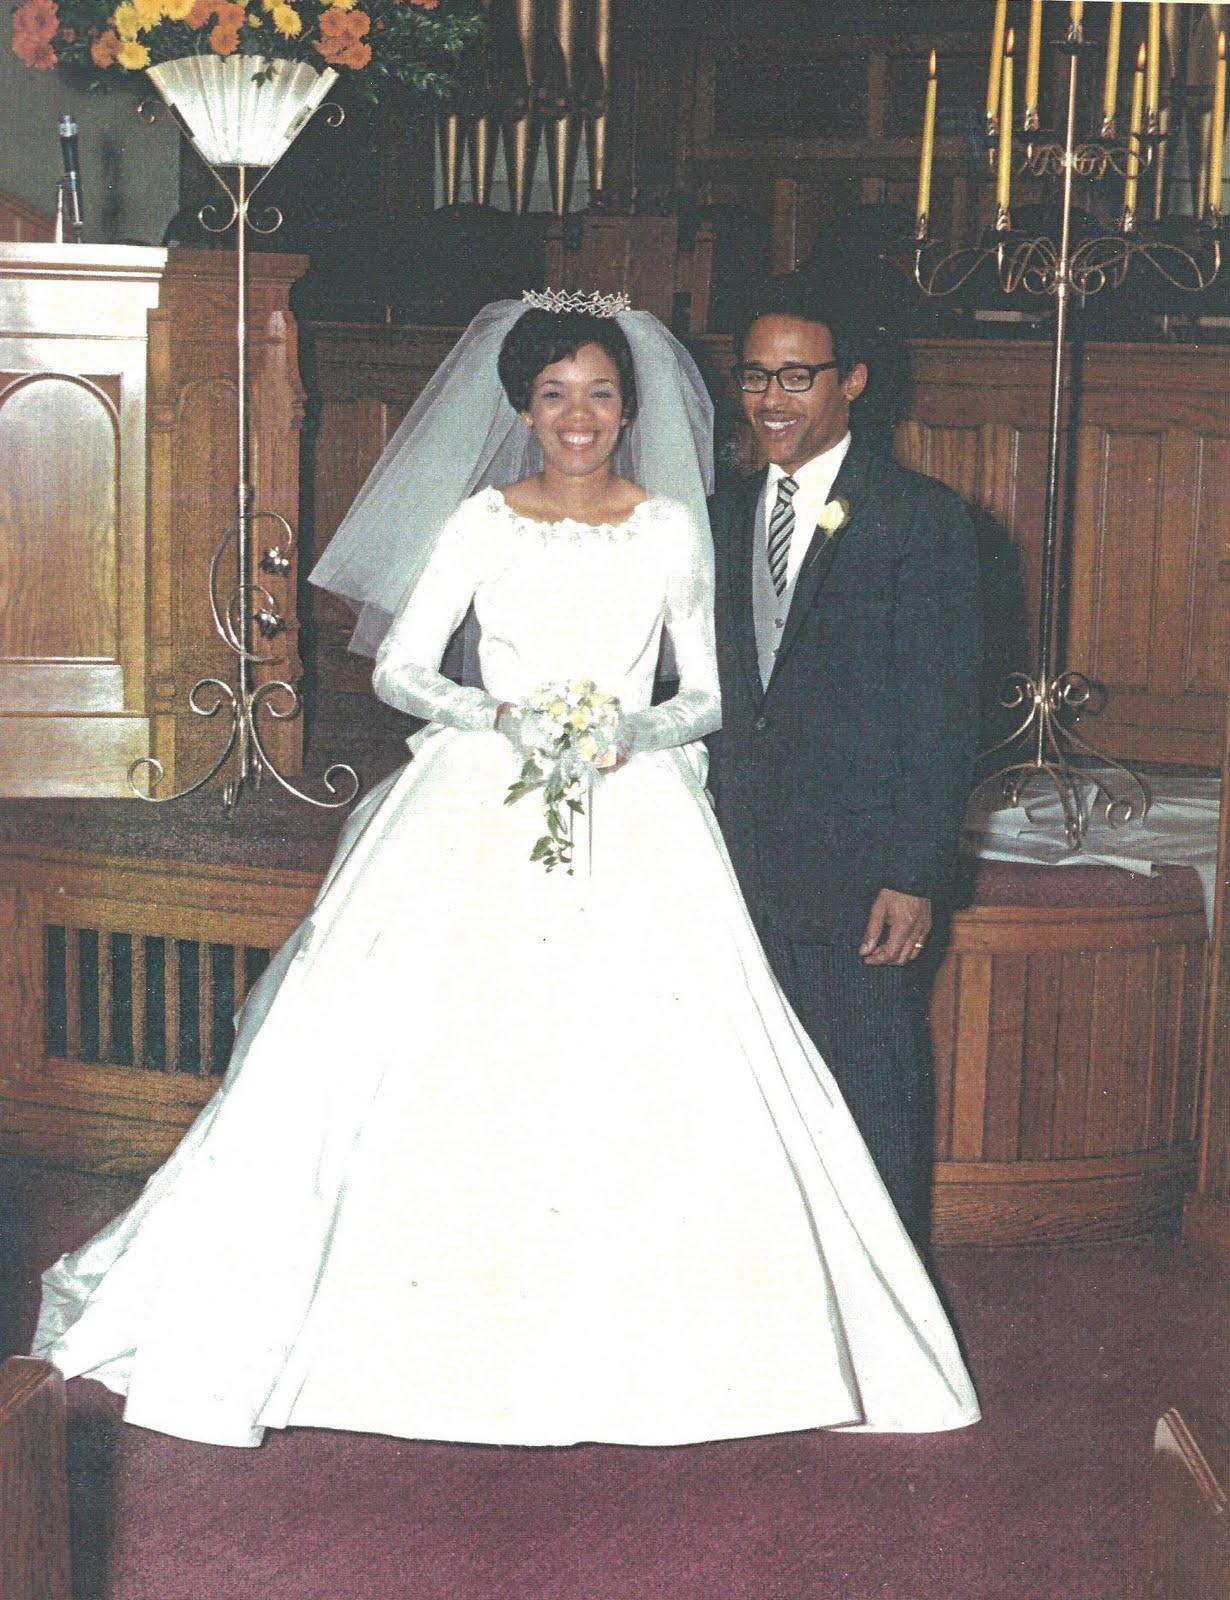 AFRICAN AMERICAN FOOTPRINTS: WEDDINGS